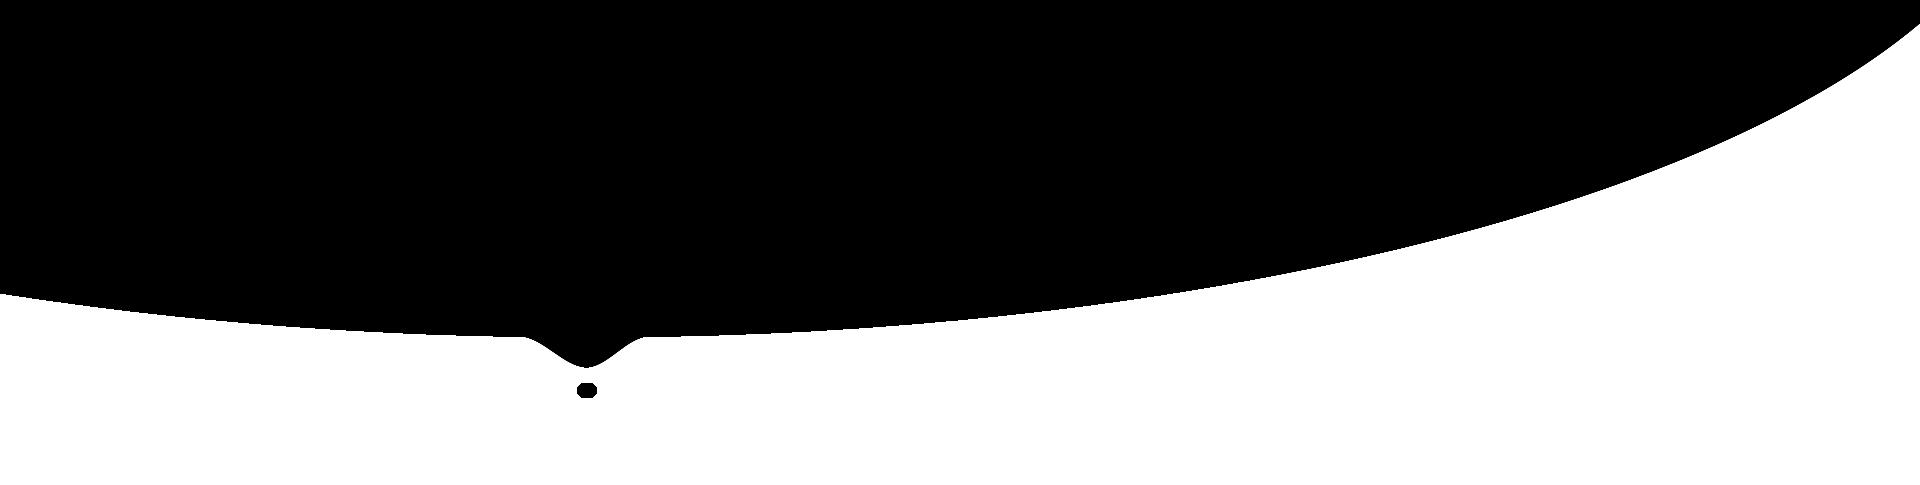 Masking fon image